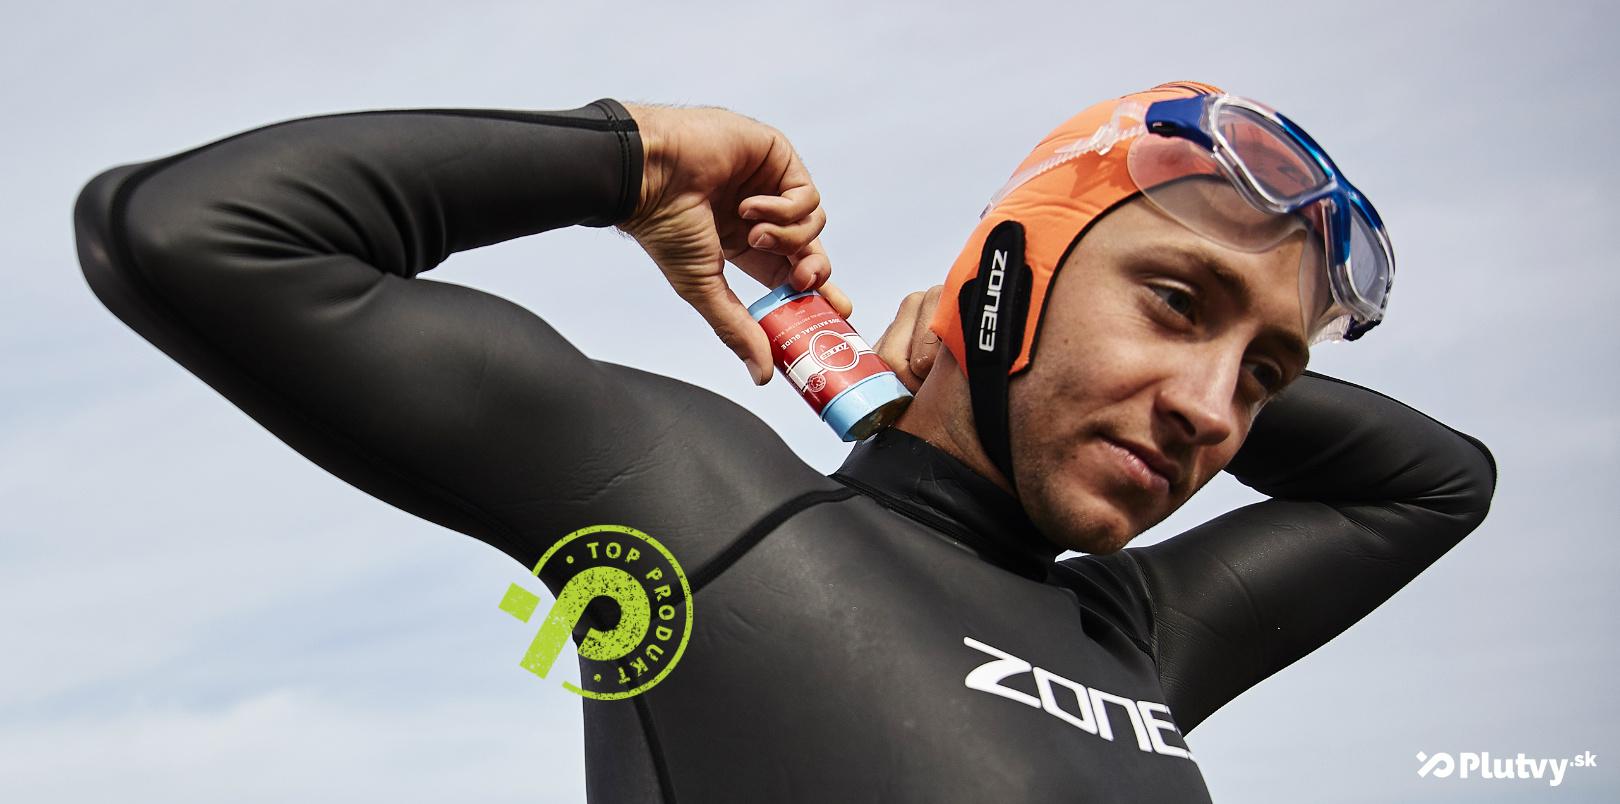 krem-proti-osuchaniu-pri-sporte-pre-triatlonistov-a-plavcov-plutvy-sk